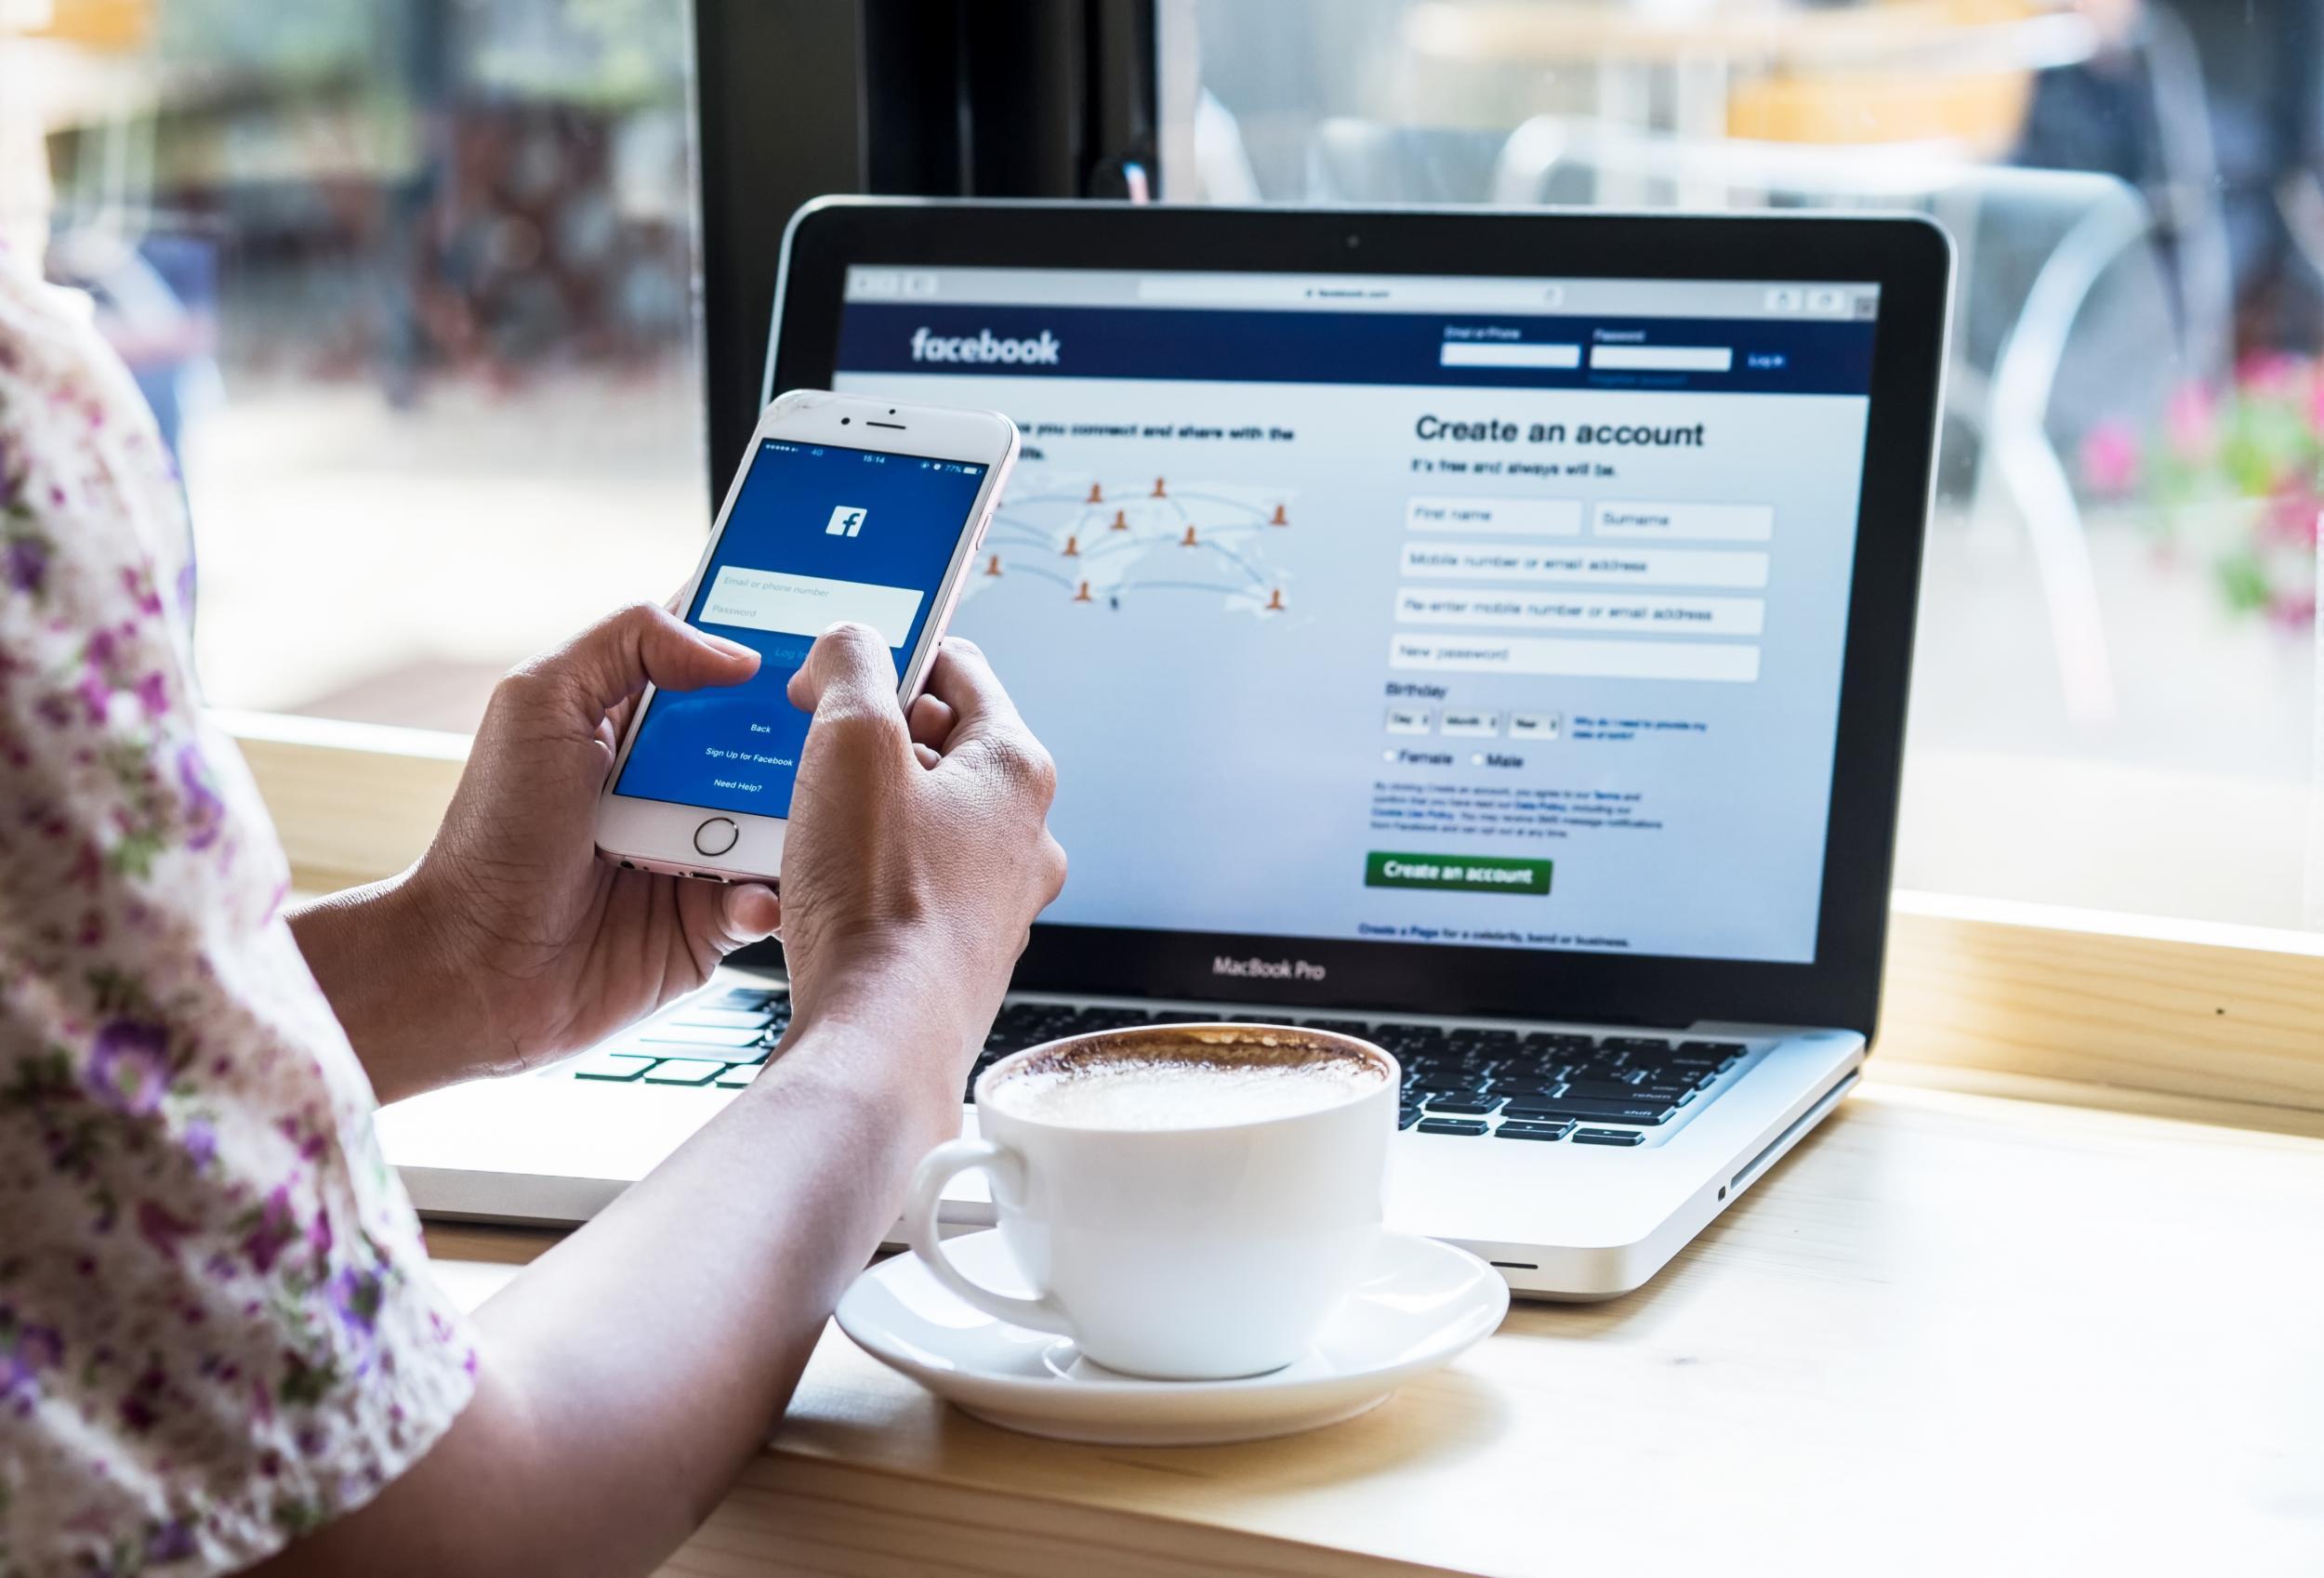 Legal revisión de redes sociales para conseguir empleo